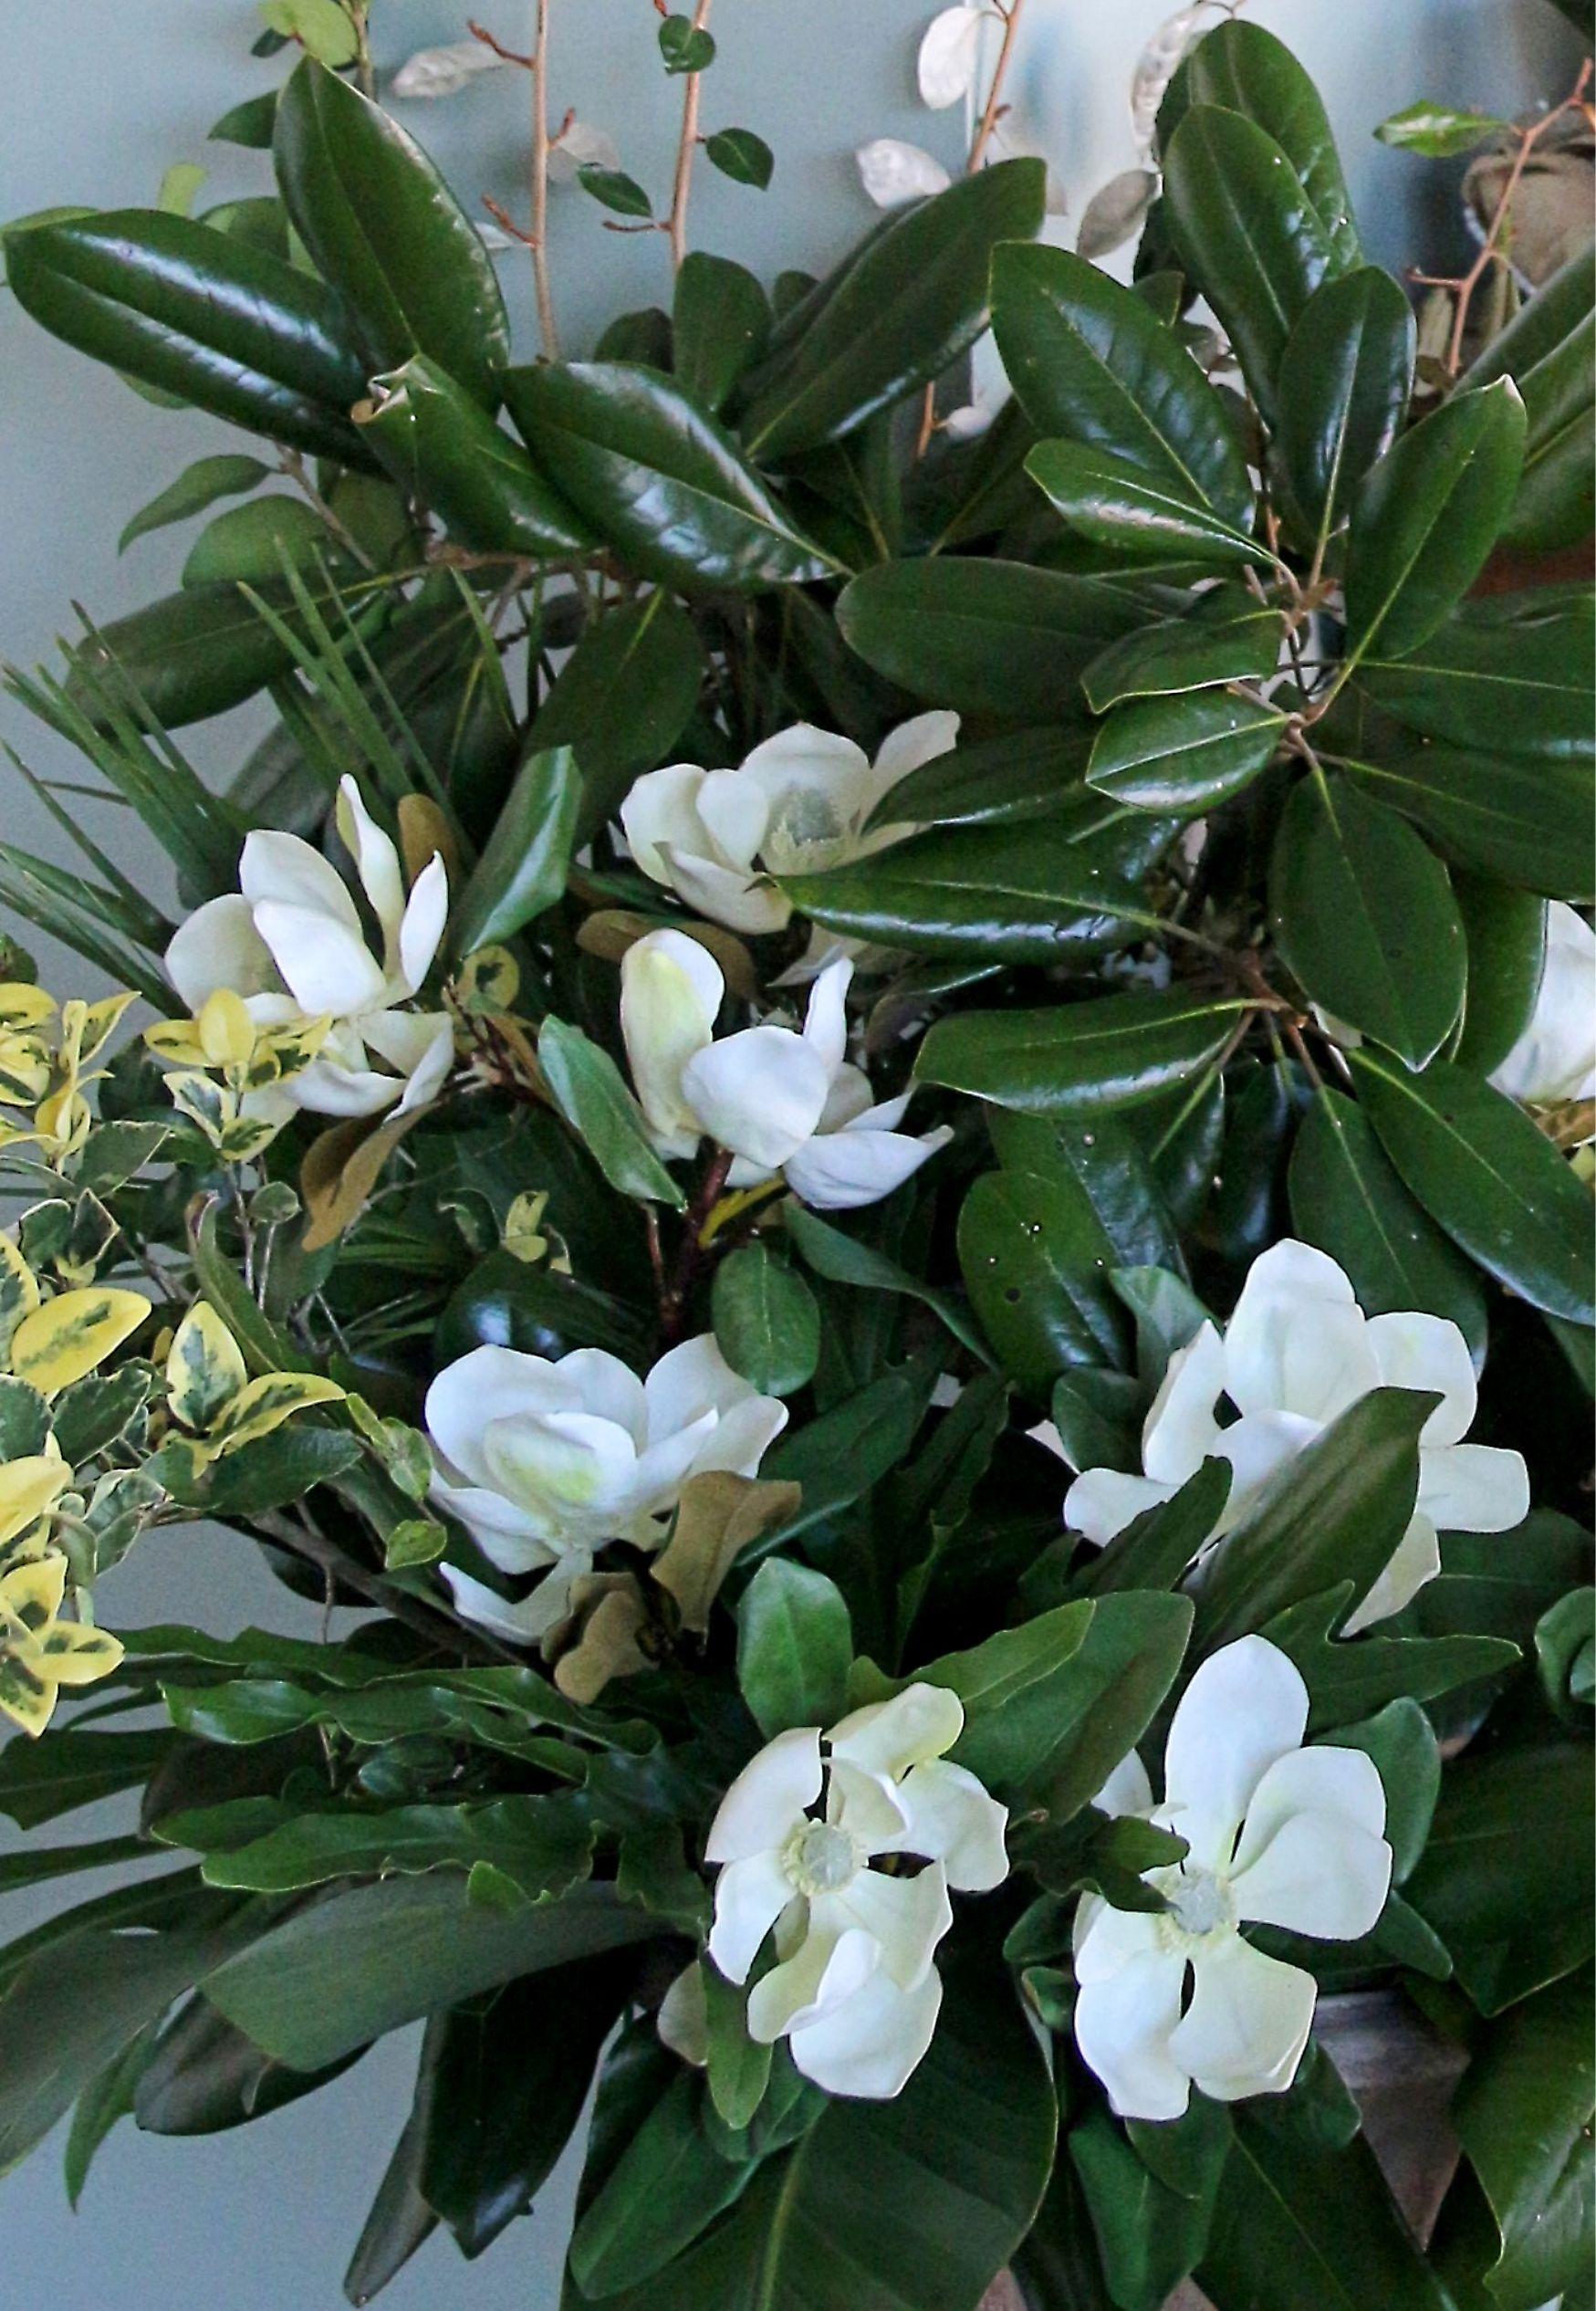 Magnolias on Display